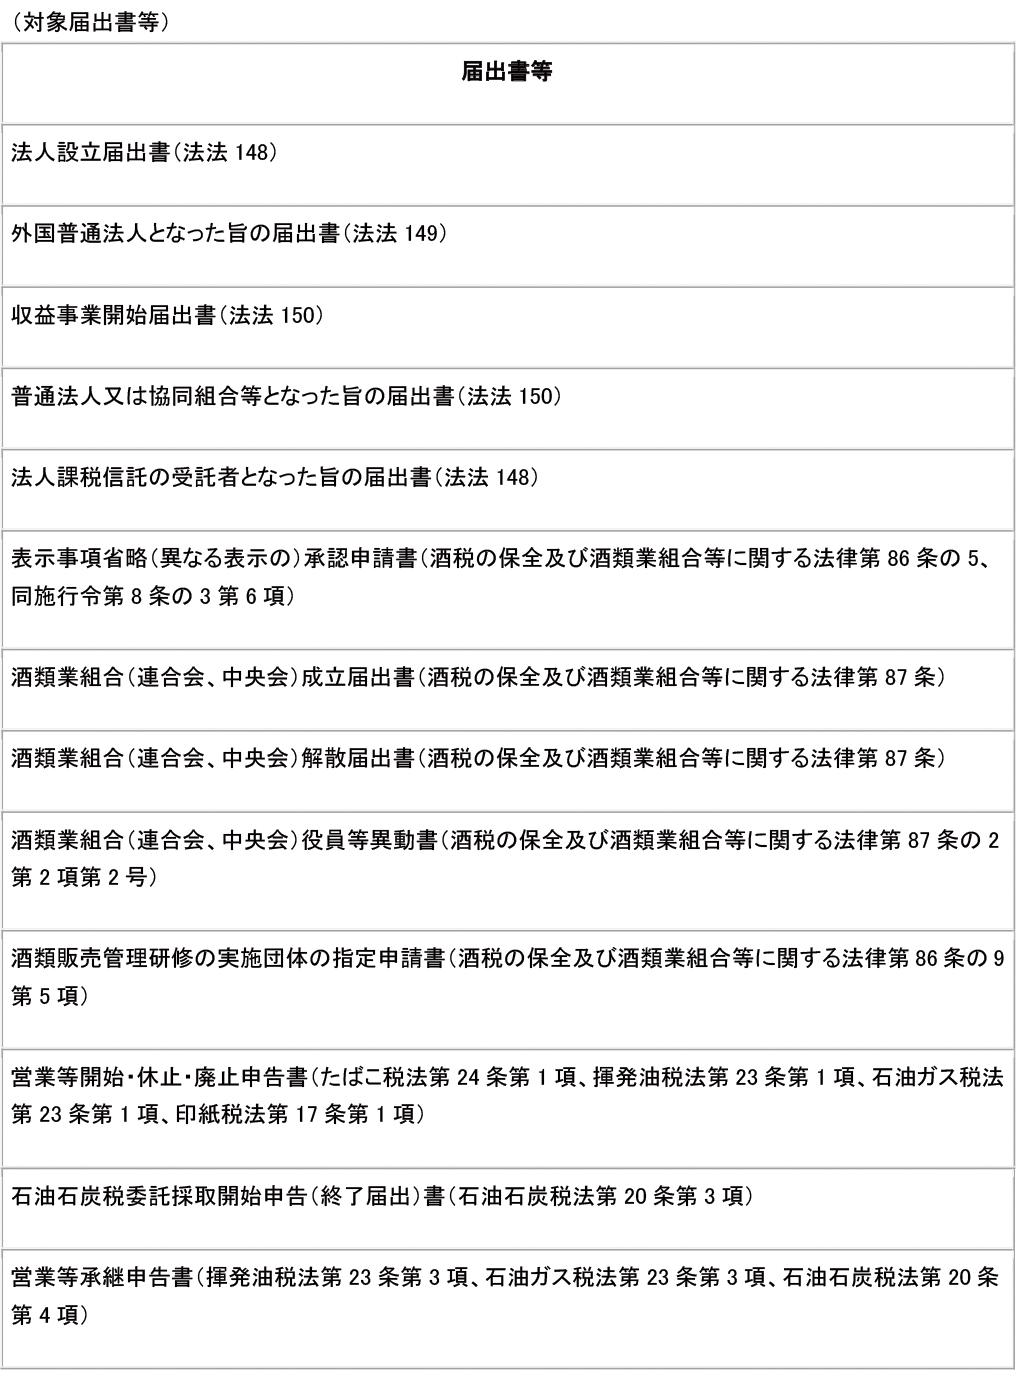 topics_1